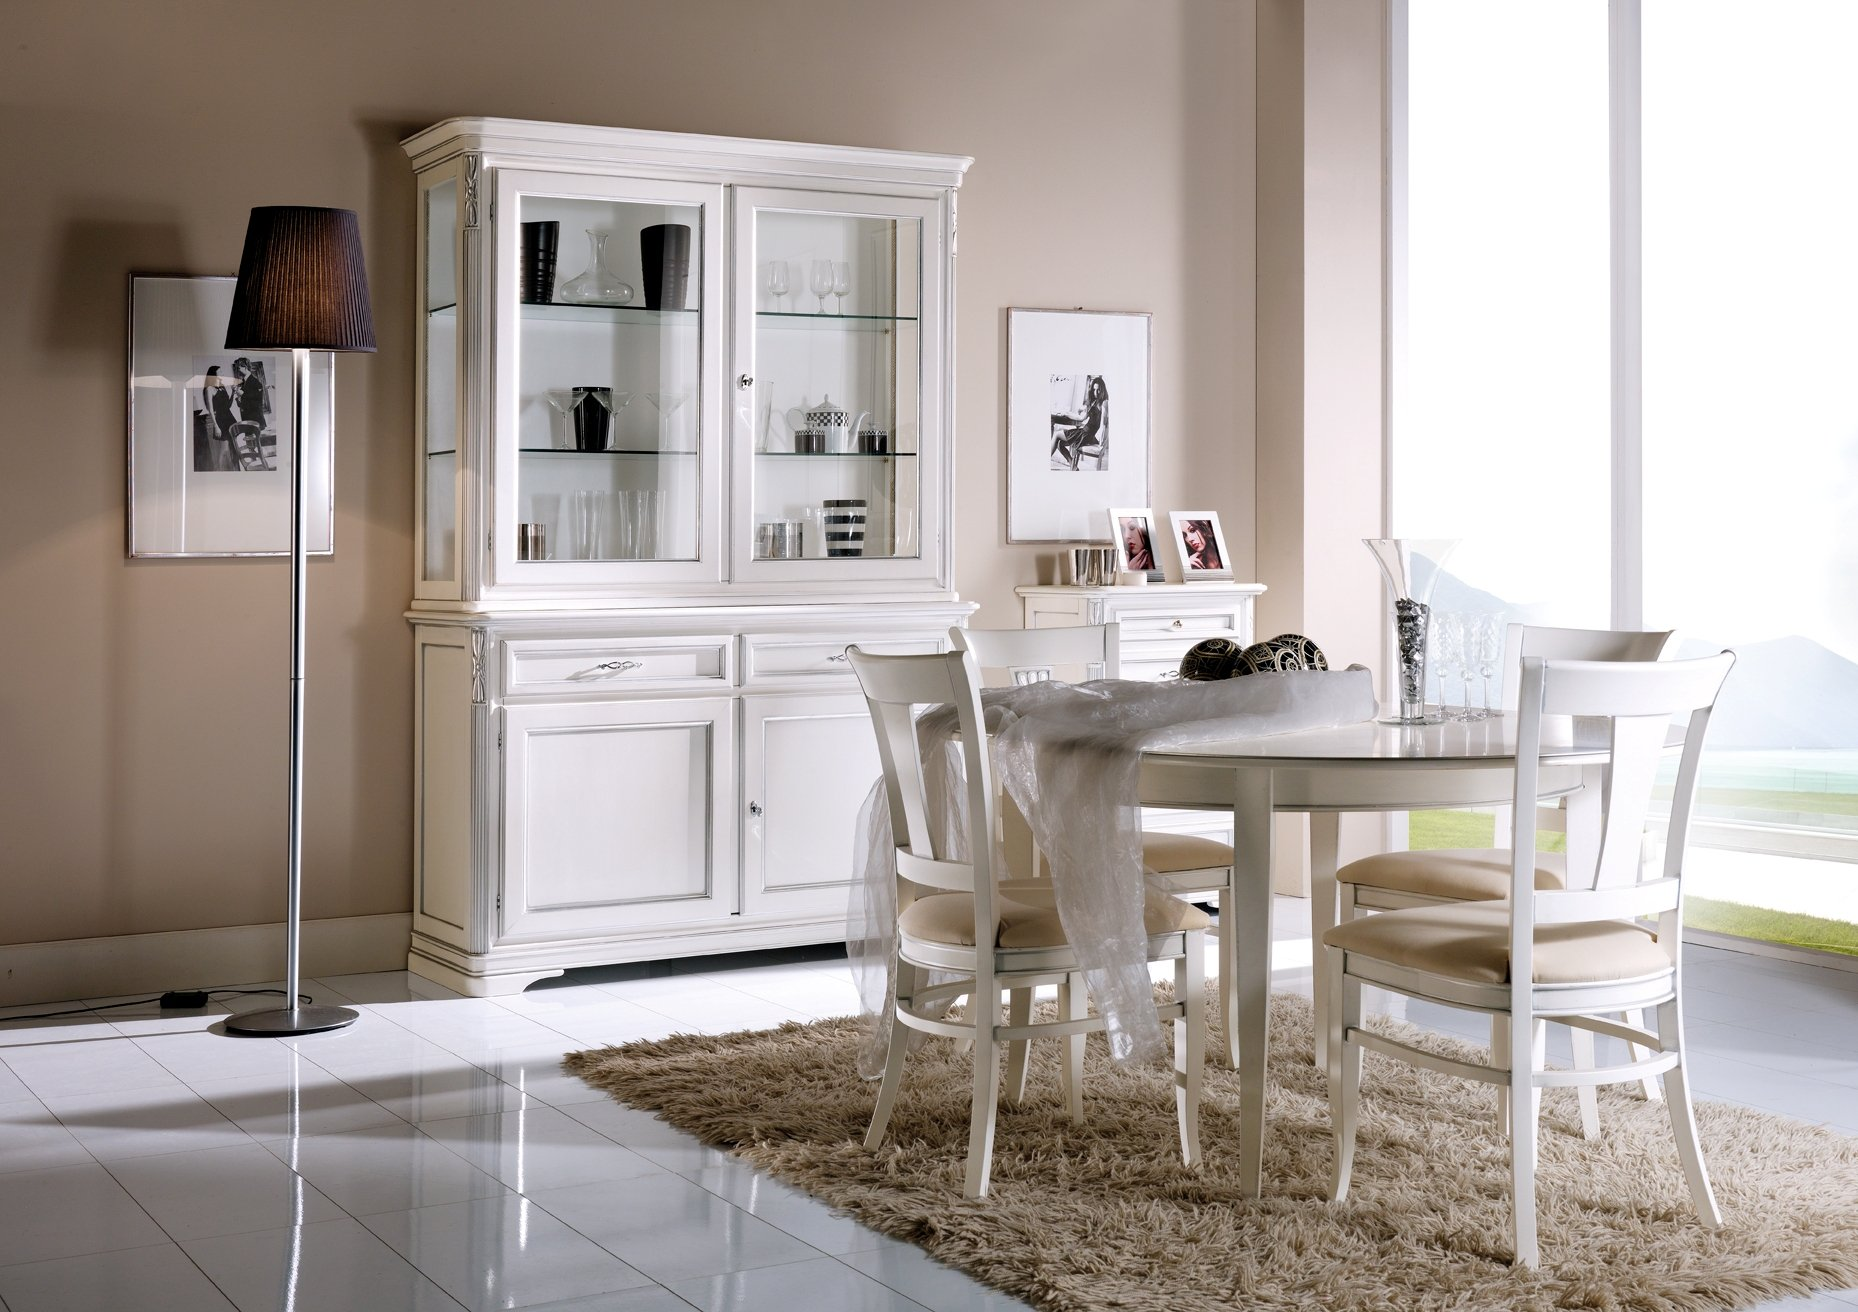 Cristalliera mobili in stile linea la maison - La maison mobili ...